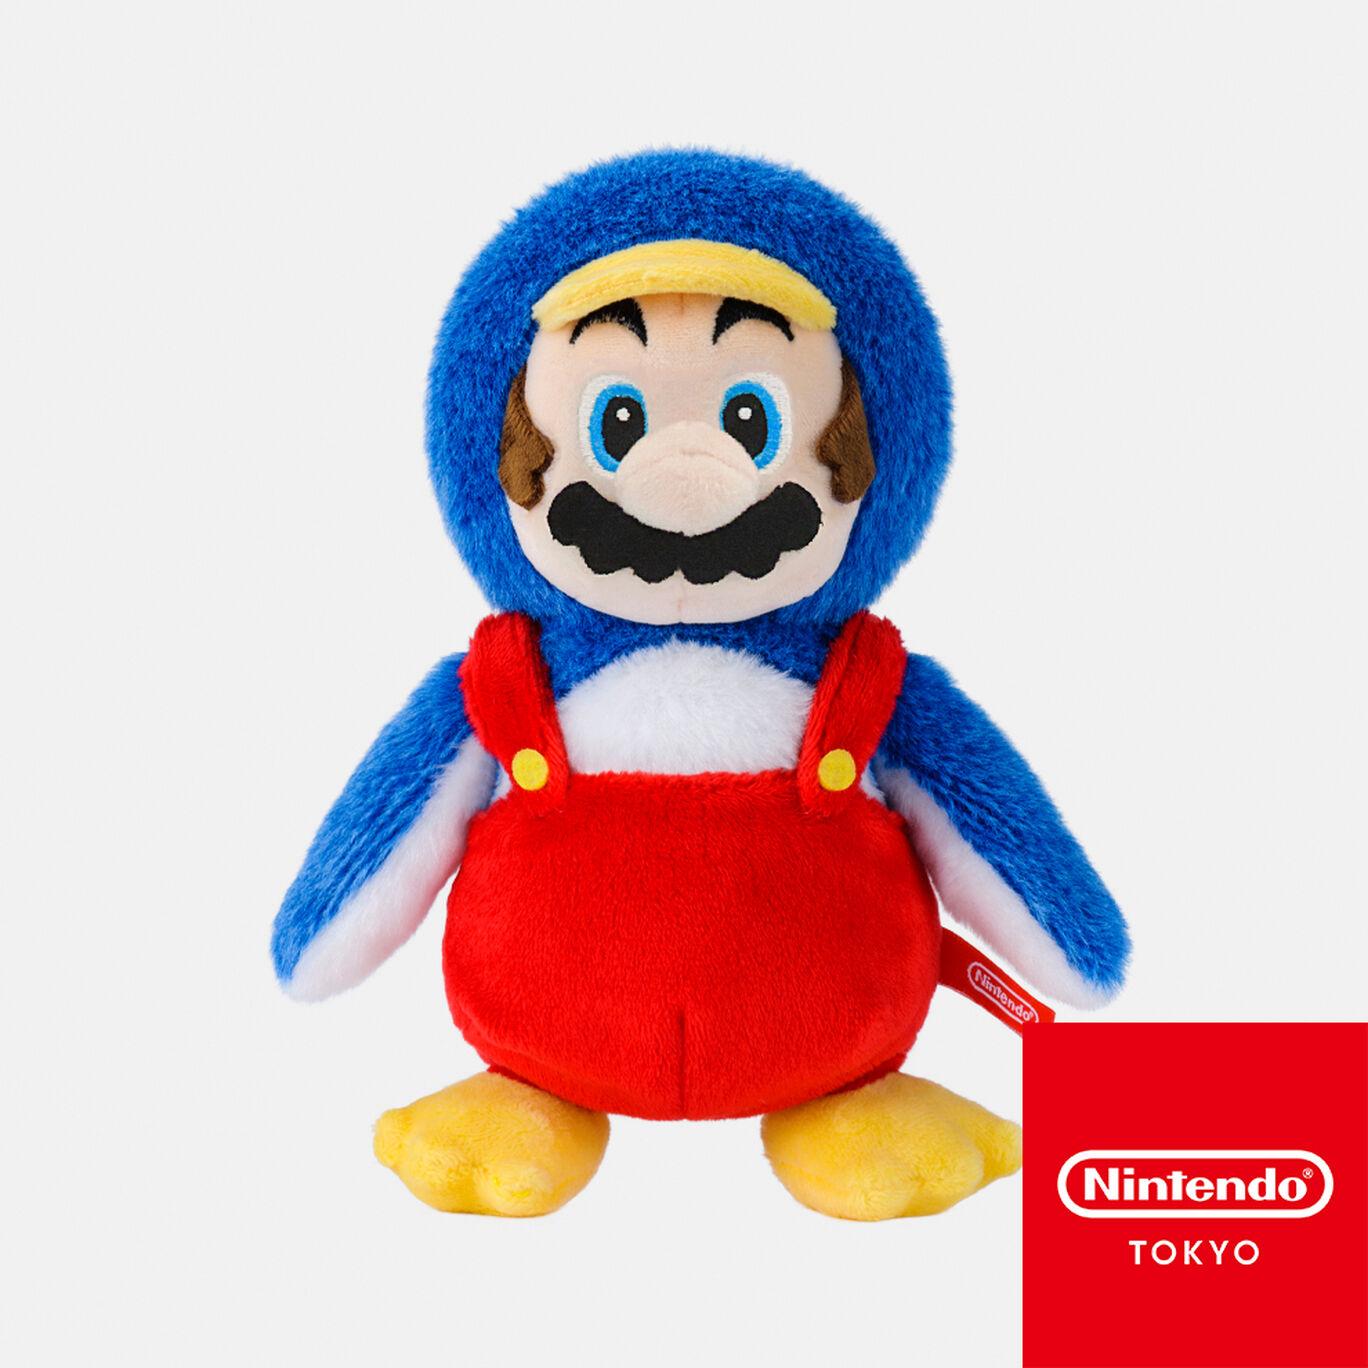 マスコット スーパーマリオ パワーアップ D【Nintendo TOKYO取り扱い商品】